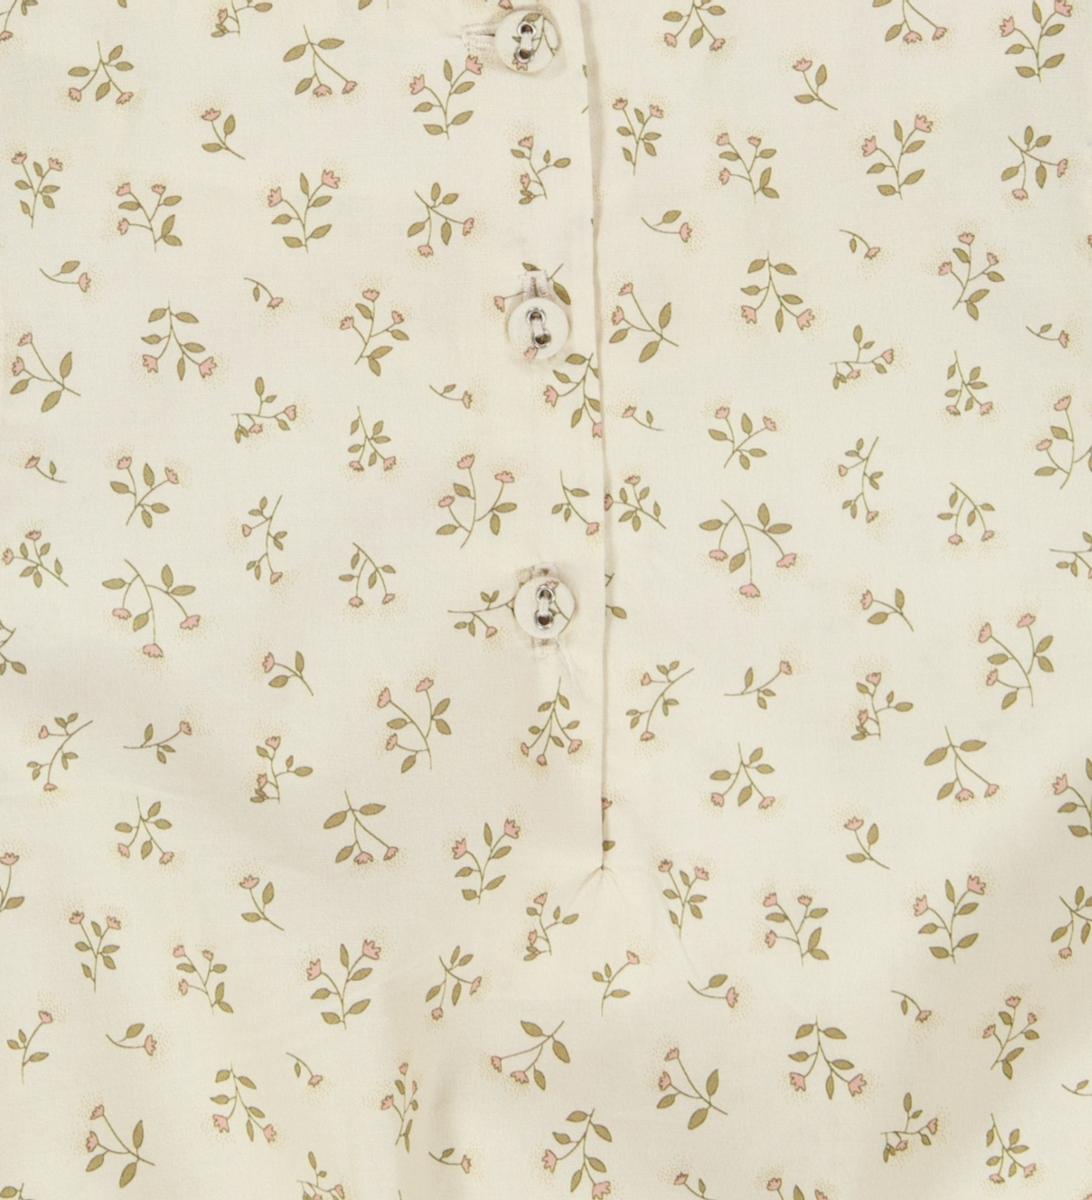 Kjole Vilde eggshell flowers